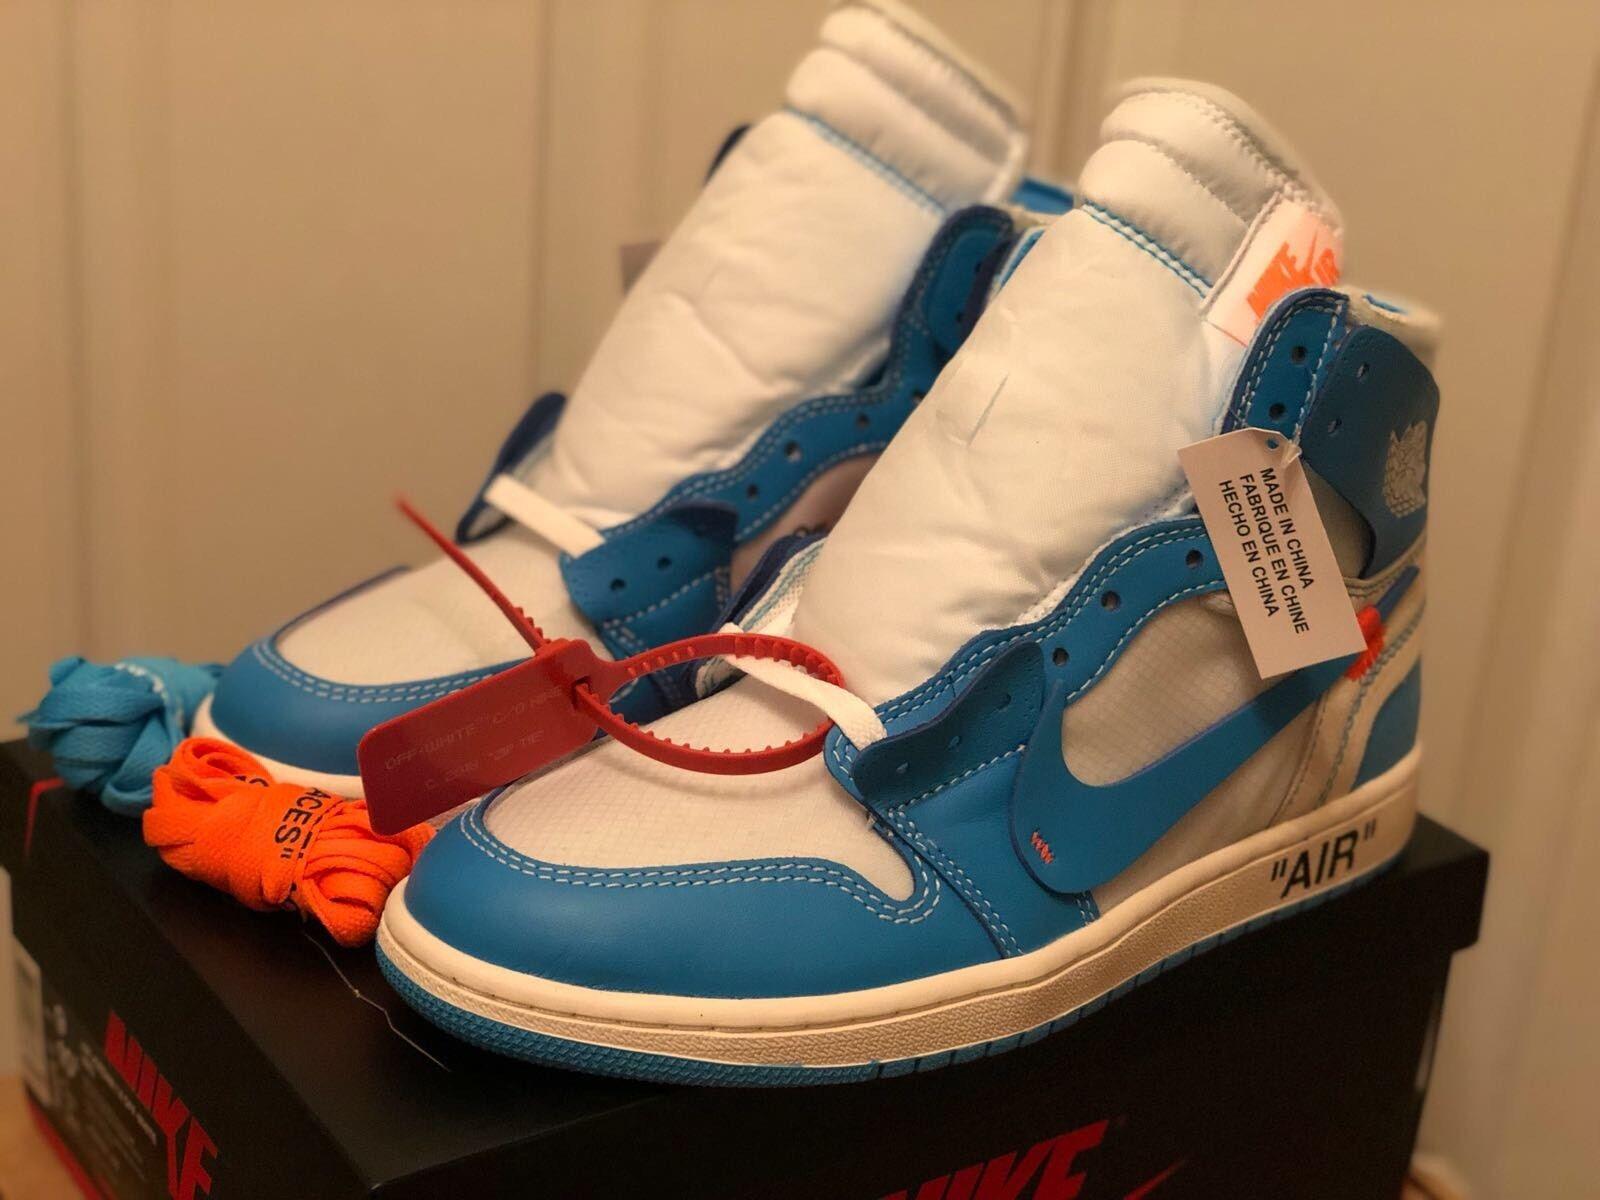 Nike Air Jordan 1 x blanc-cassé NRG UNC UK 11 EUR 46 us 12 Neuf Dans La Boîte d'origine!